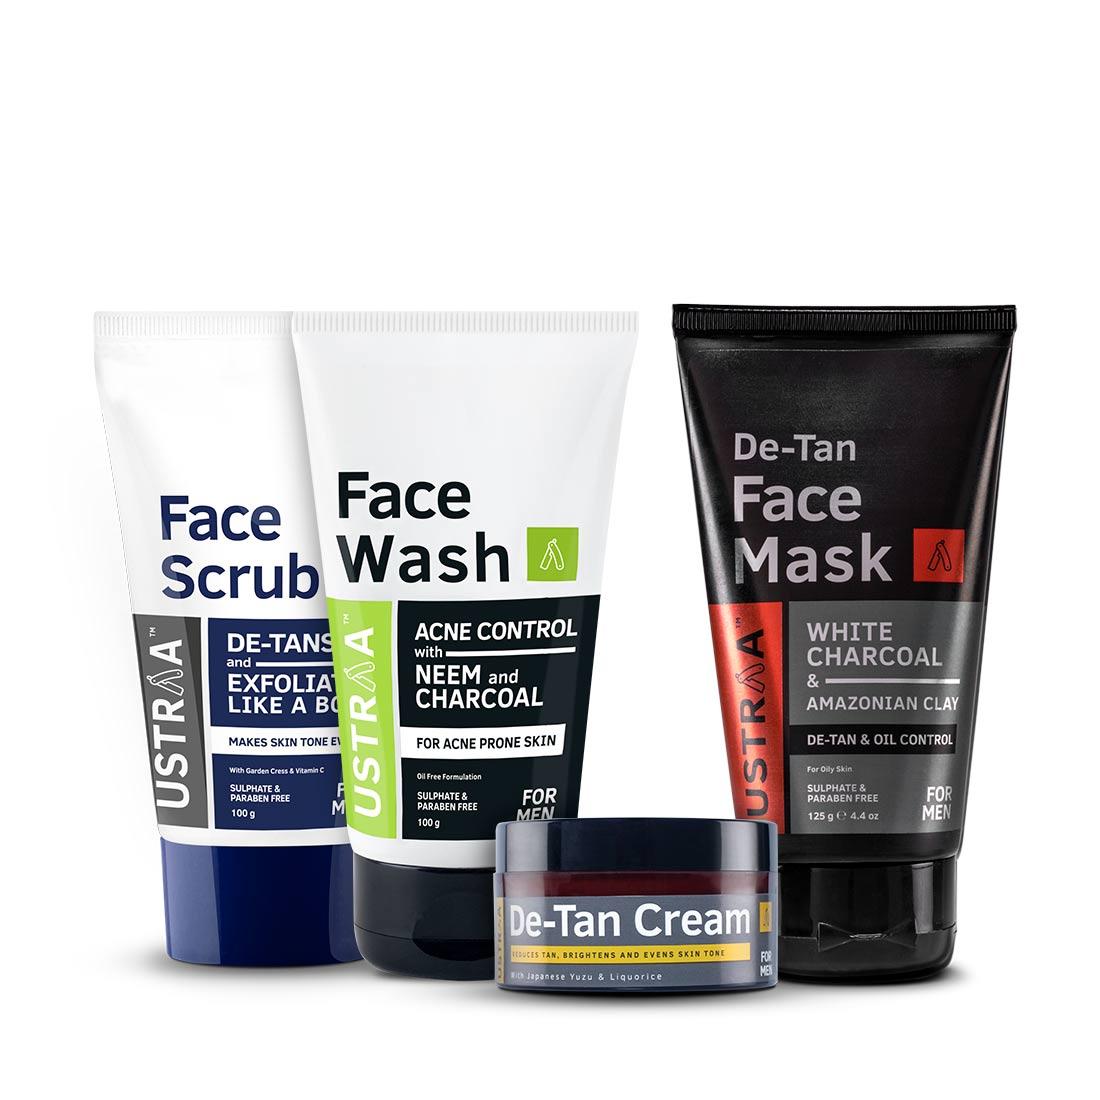 Complete De-Tan Pack